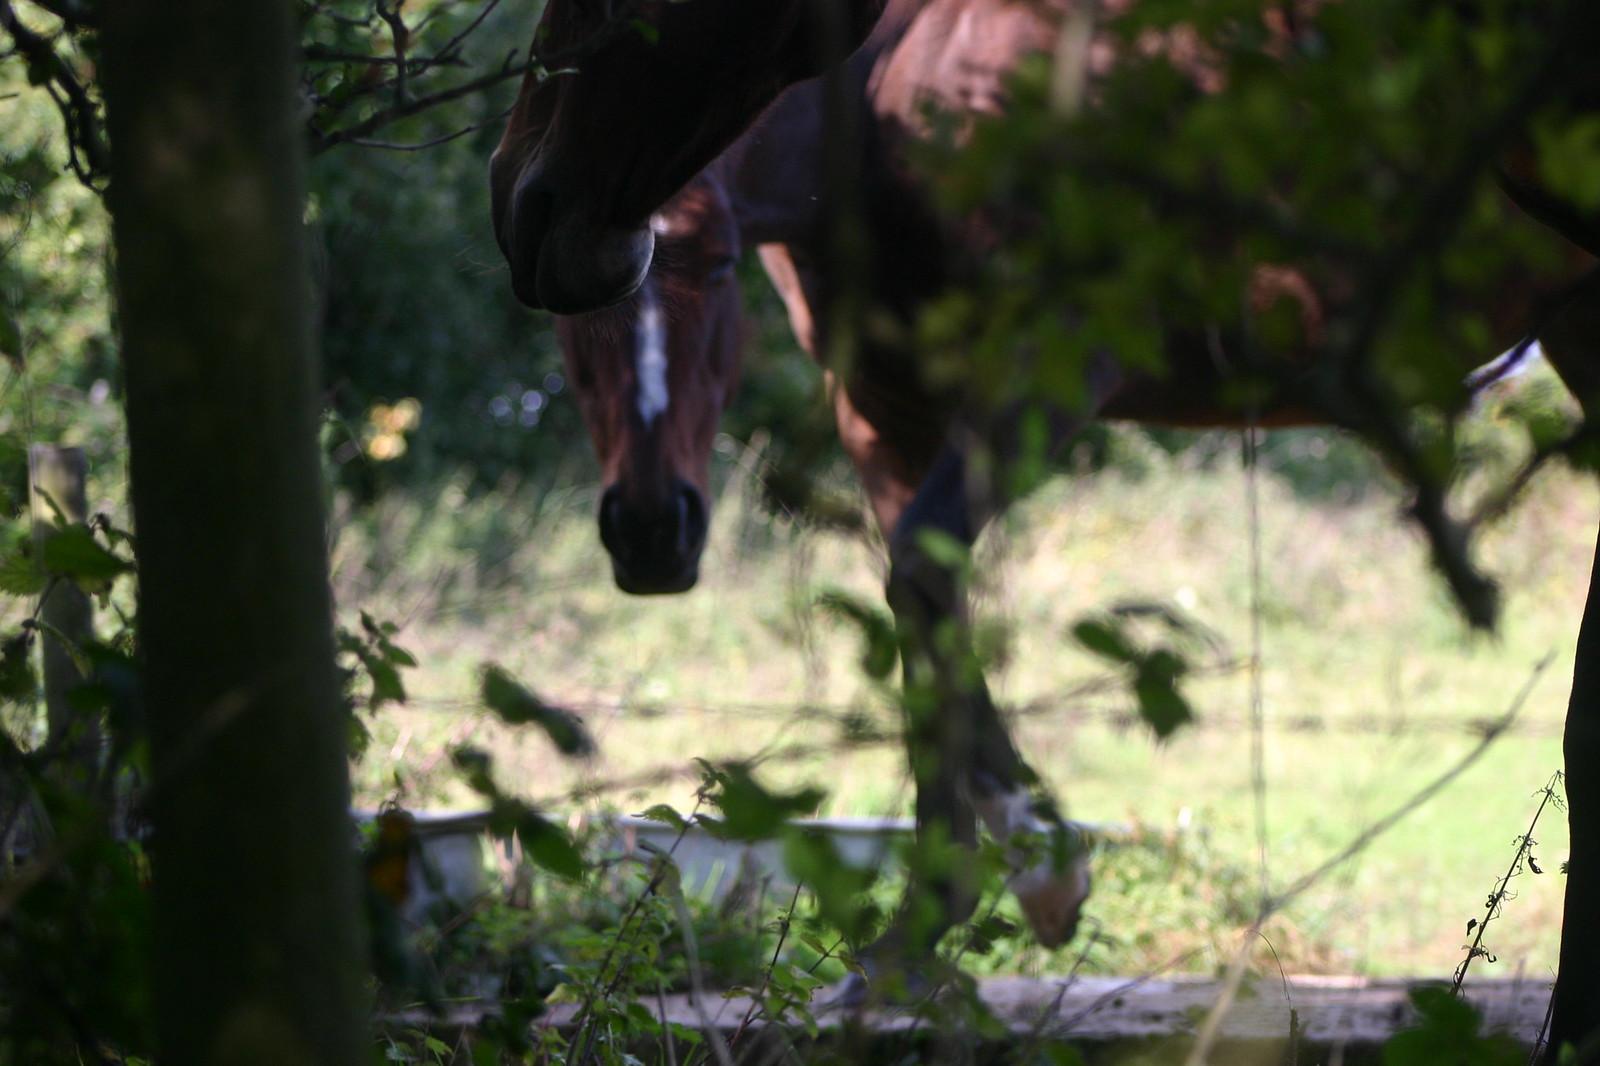 SWC 185 October 6th 2013 Horses